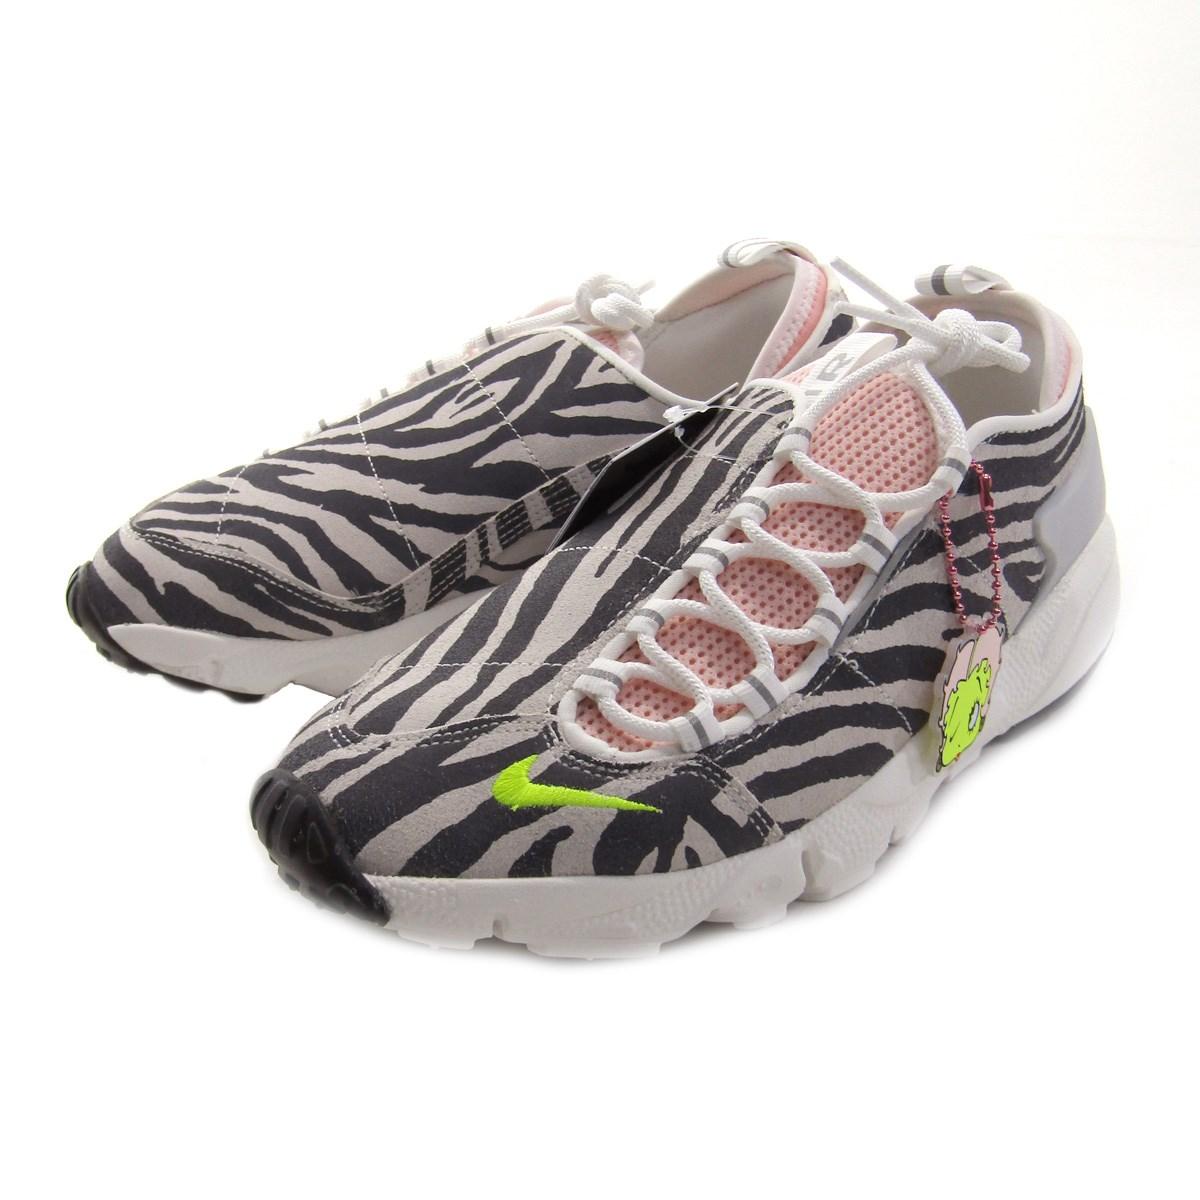 メンズ靴, スニーカー NIKEW NIKE AIR FOOTSCAPE NXN Olivia Kim 265cm